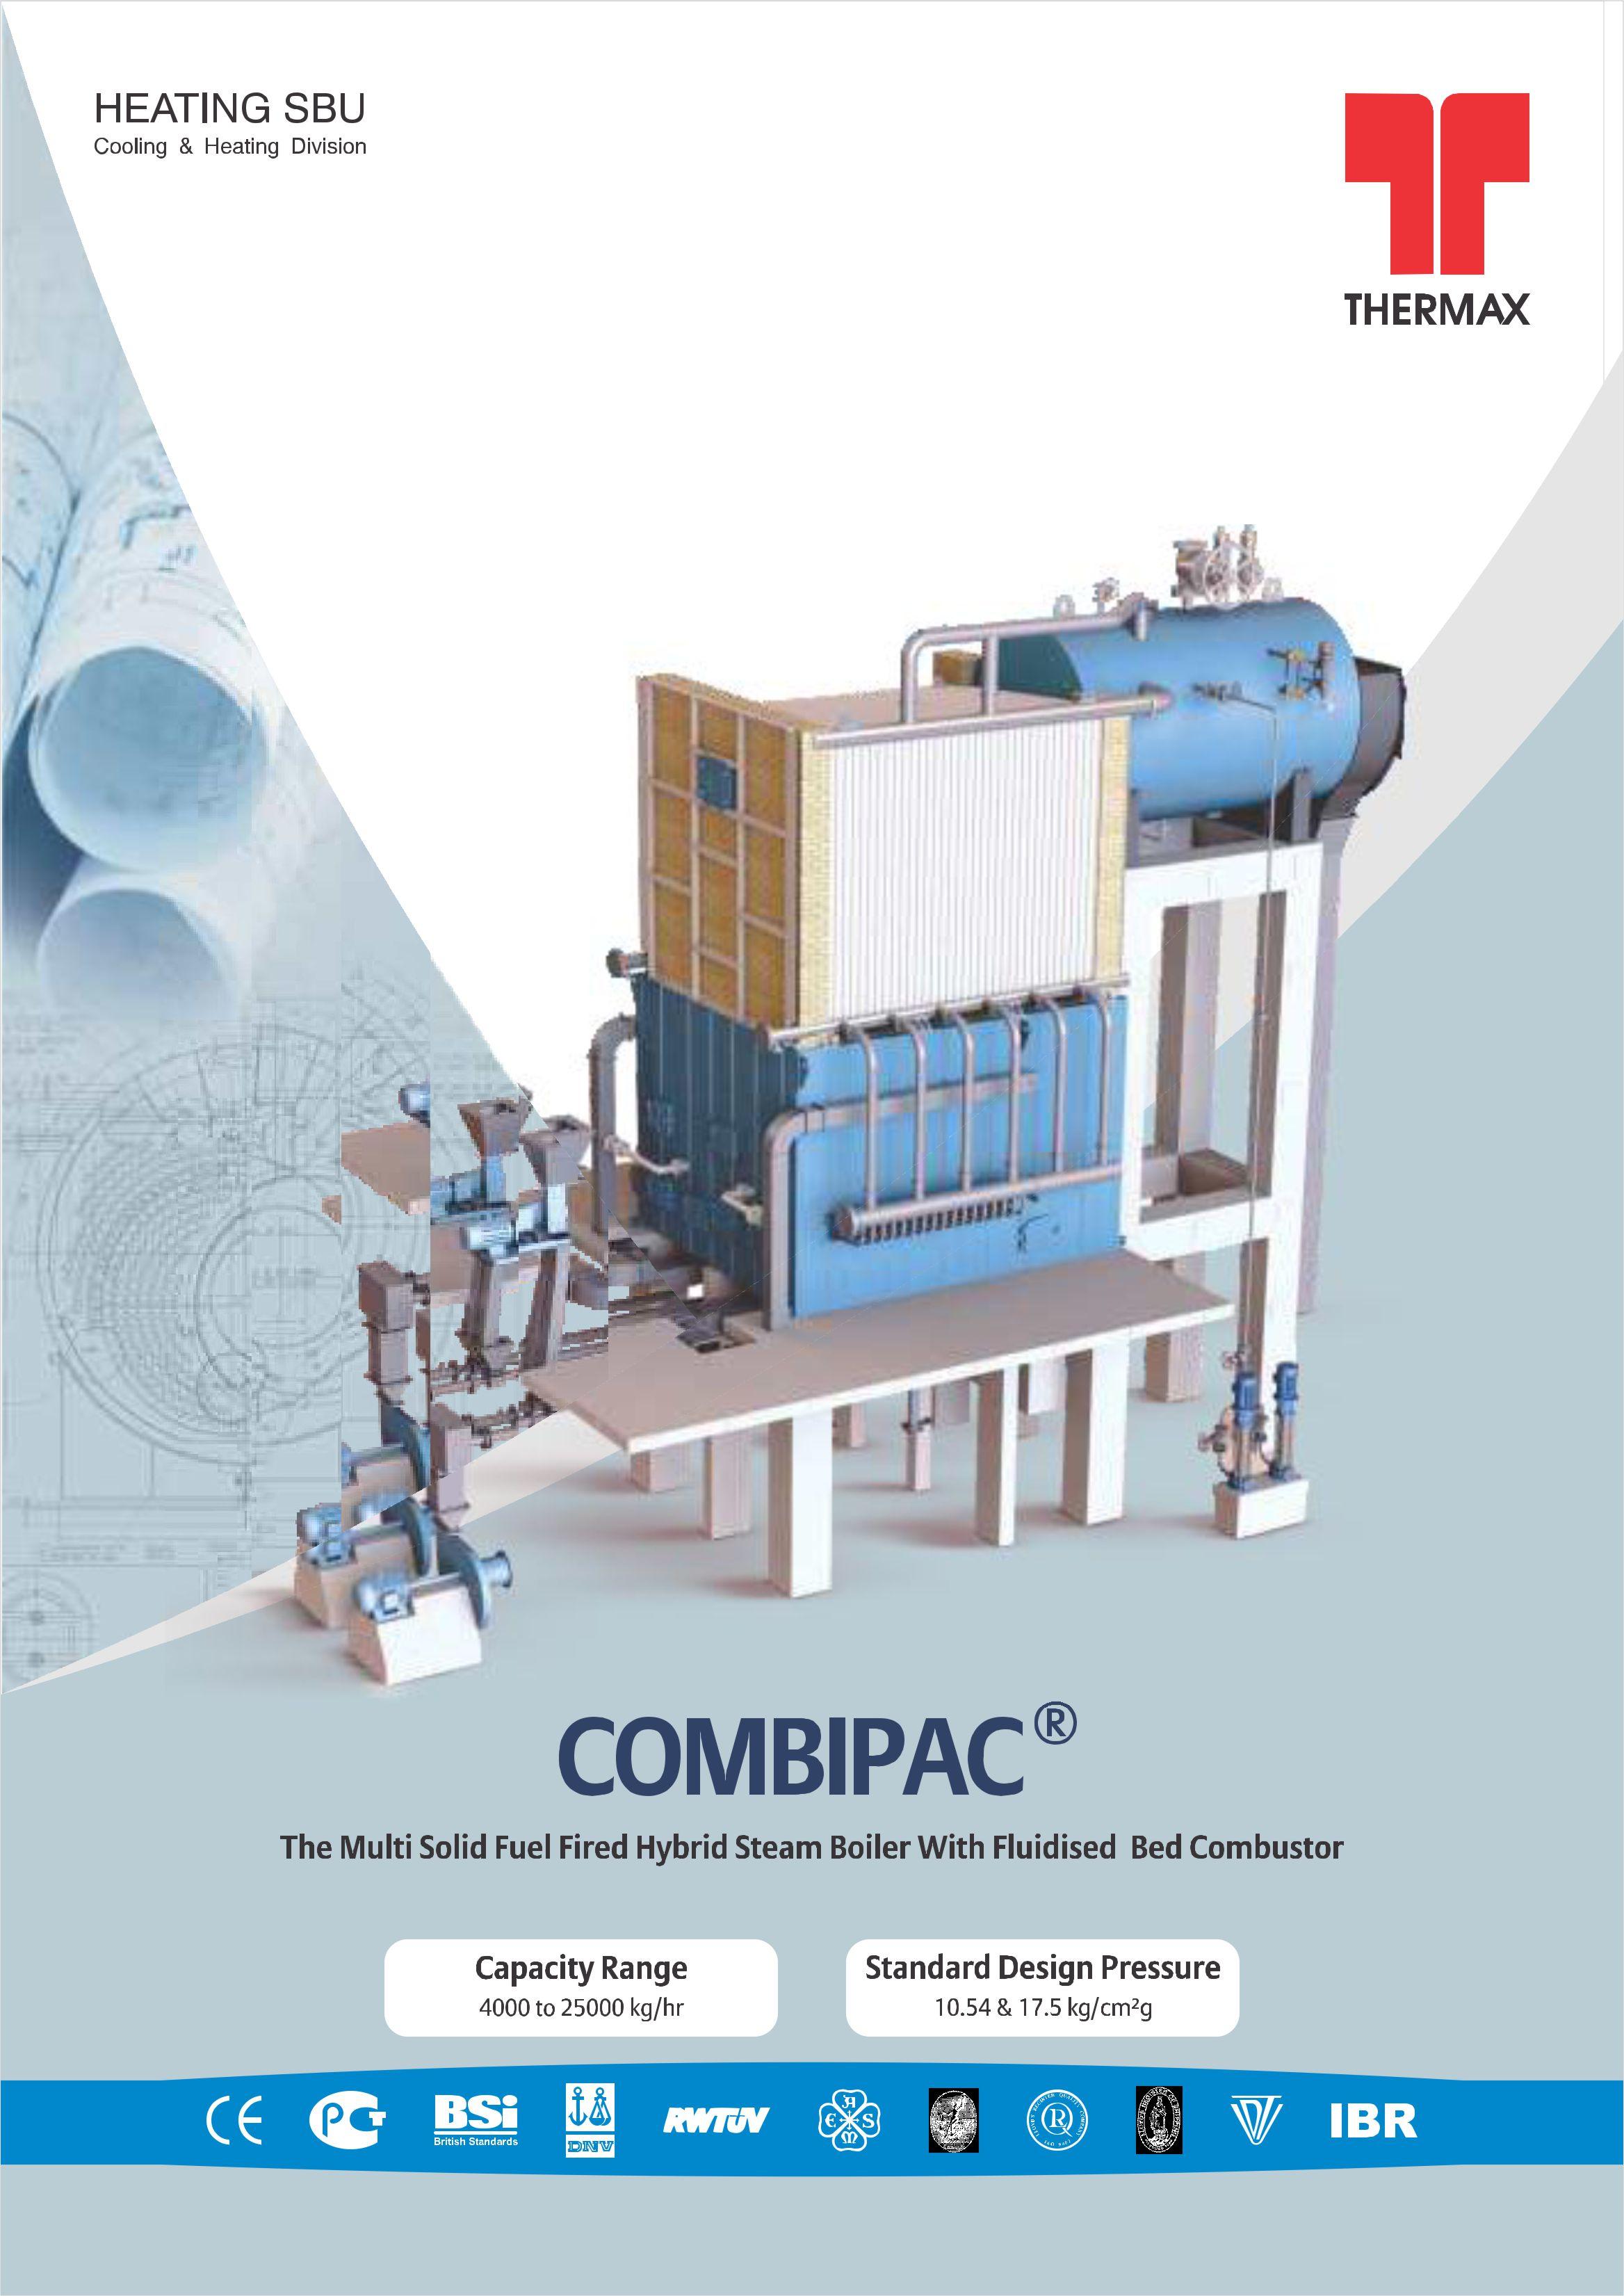 COMBIPAC - BOILER